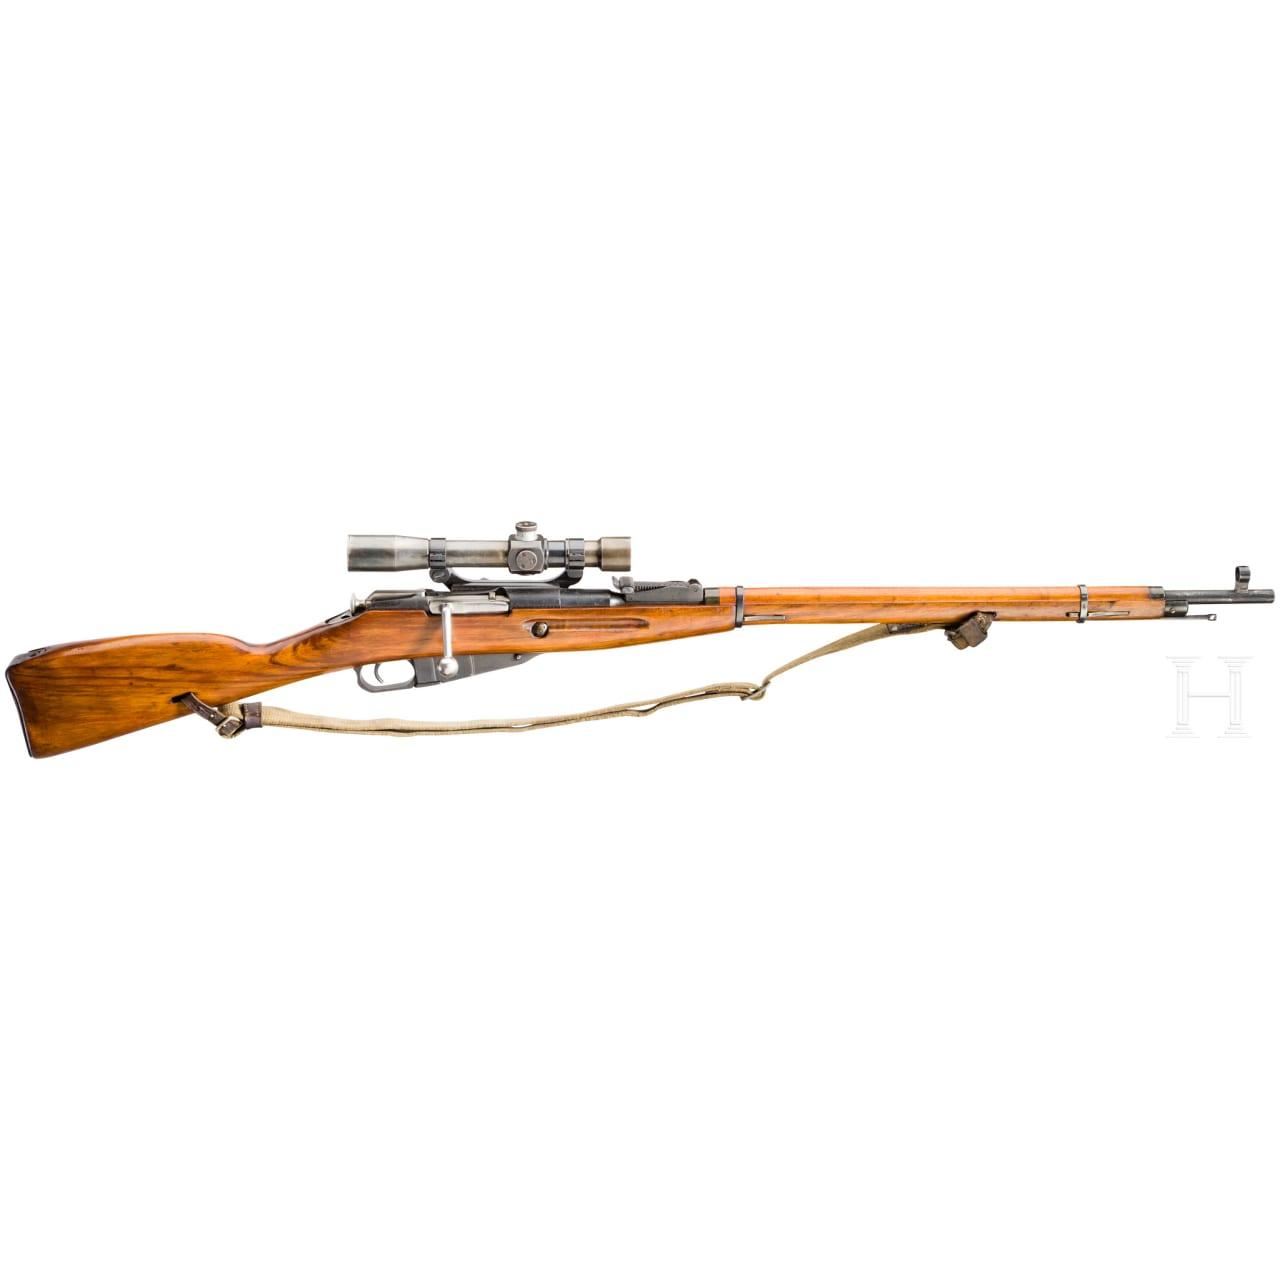 Scharfschützengewehr Mosin-Nagant Mod. 1891/30, mit ZF PEM